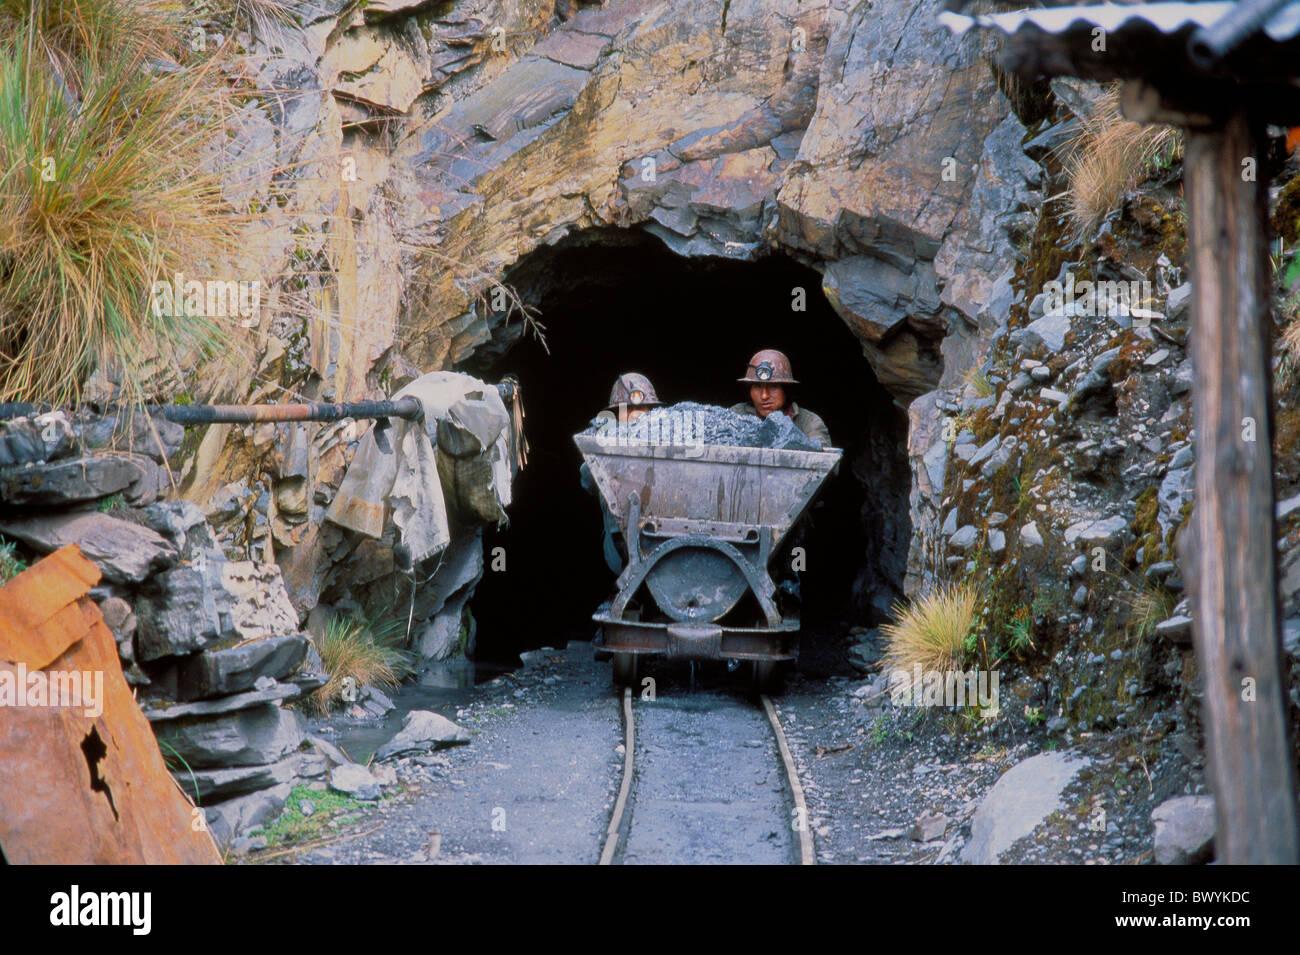 worker mining Bolivia South America Cordillera Real El Suerta mine car gold golden mine Sorata tunnel sto - Stock Image